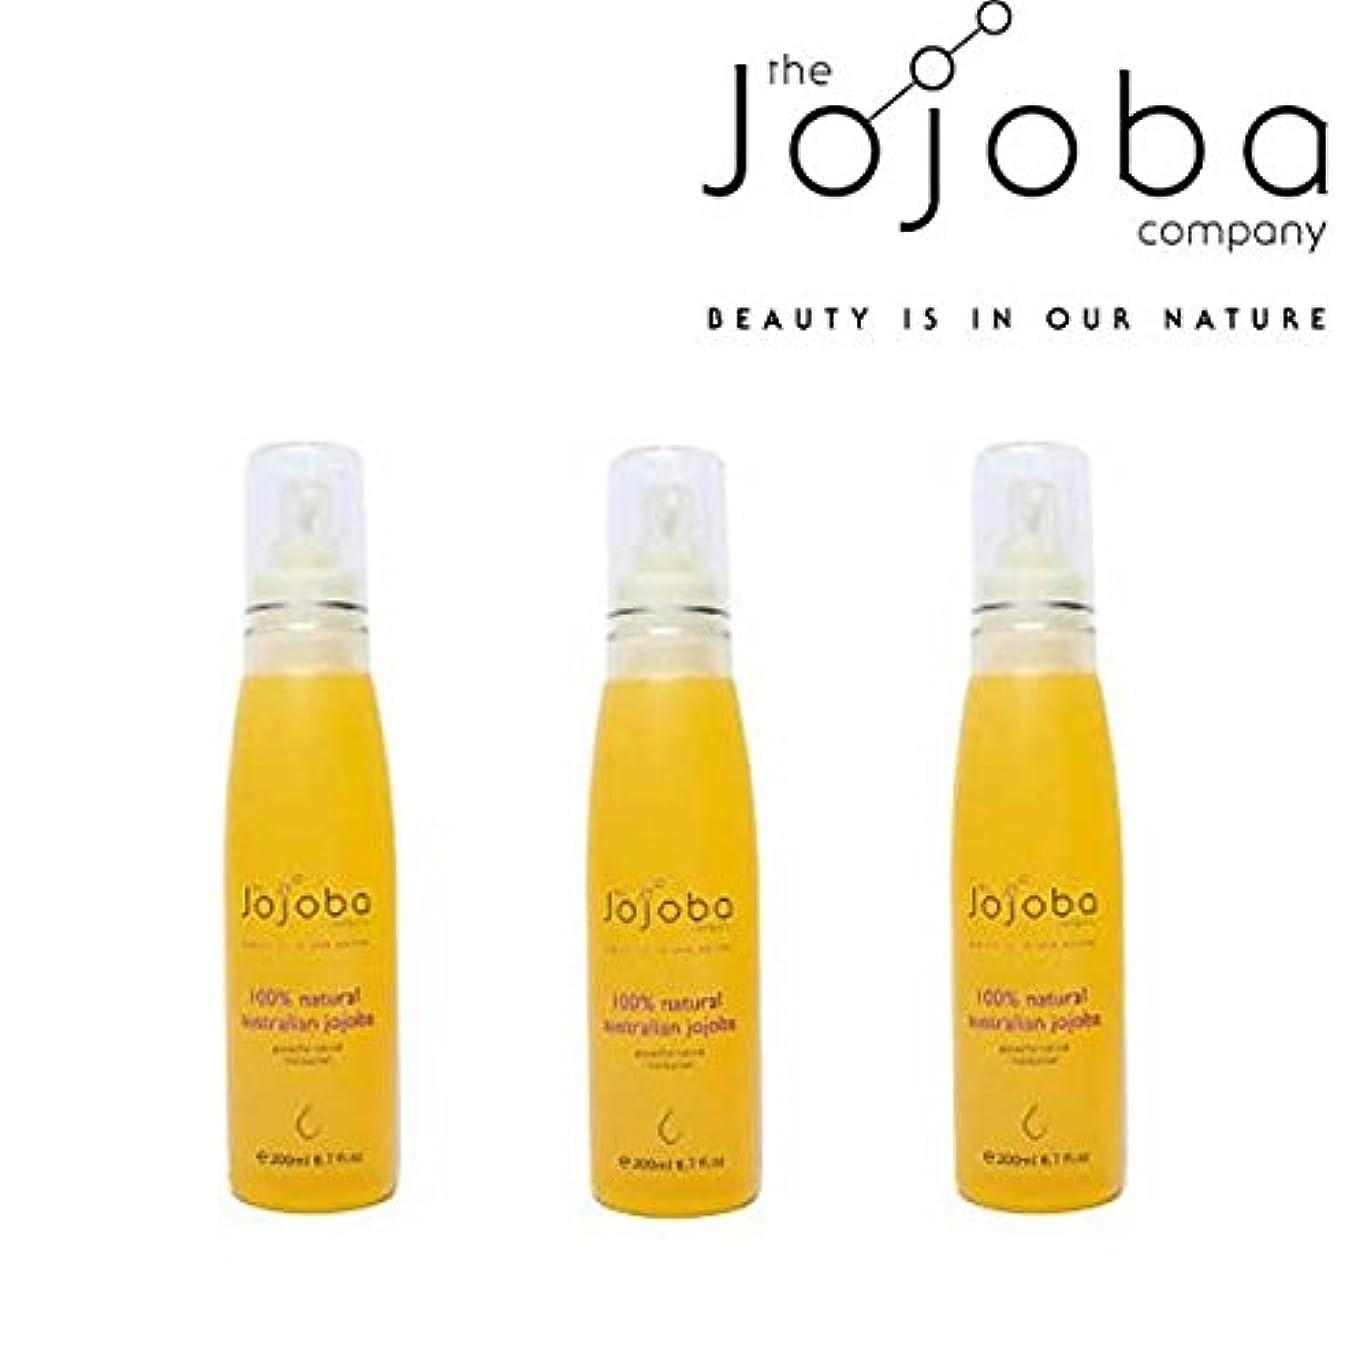 増加するうがい薬虚弱[The jojoba Company]天然100% オーストラリア産ゴールデンホホバオイル200ml(3本セット)[海外直送品]